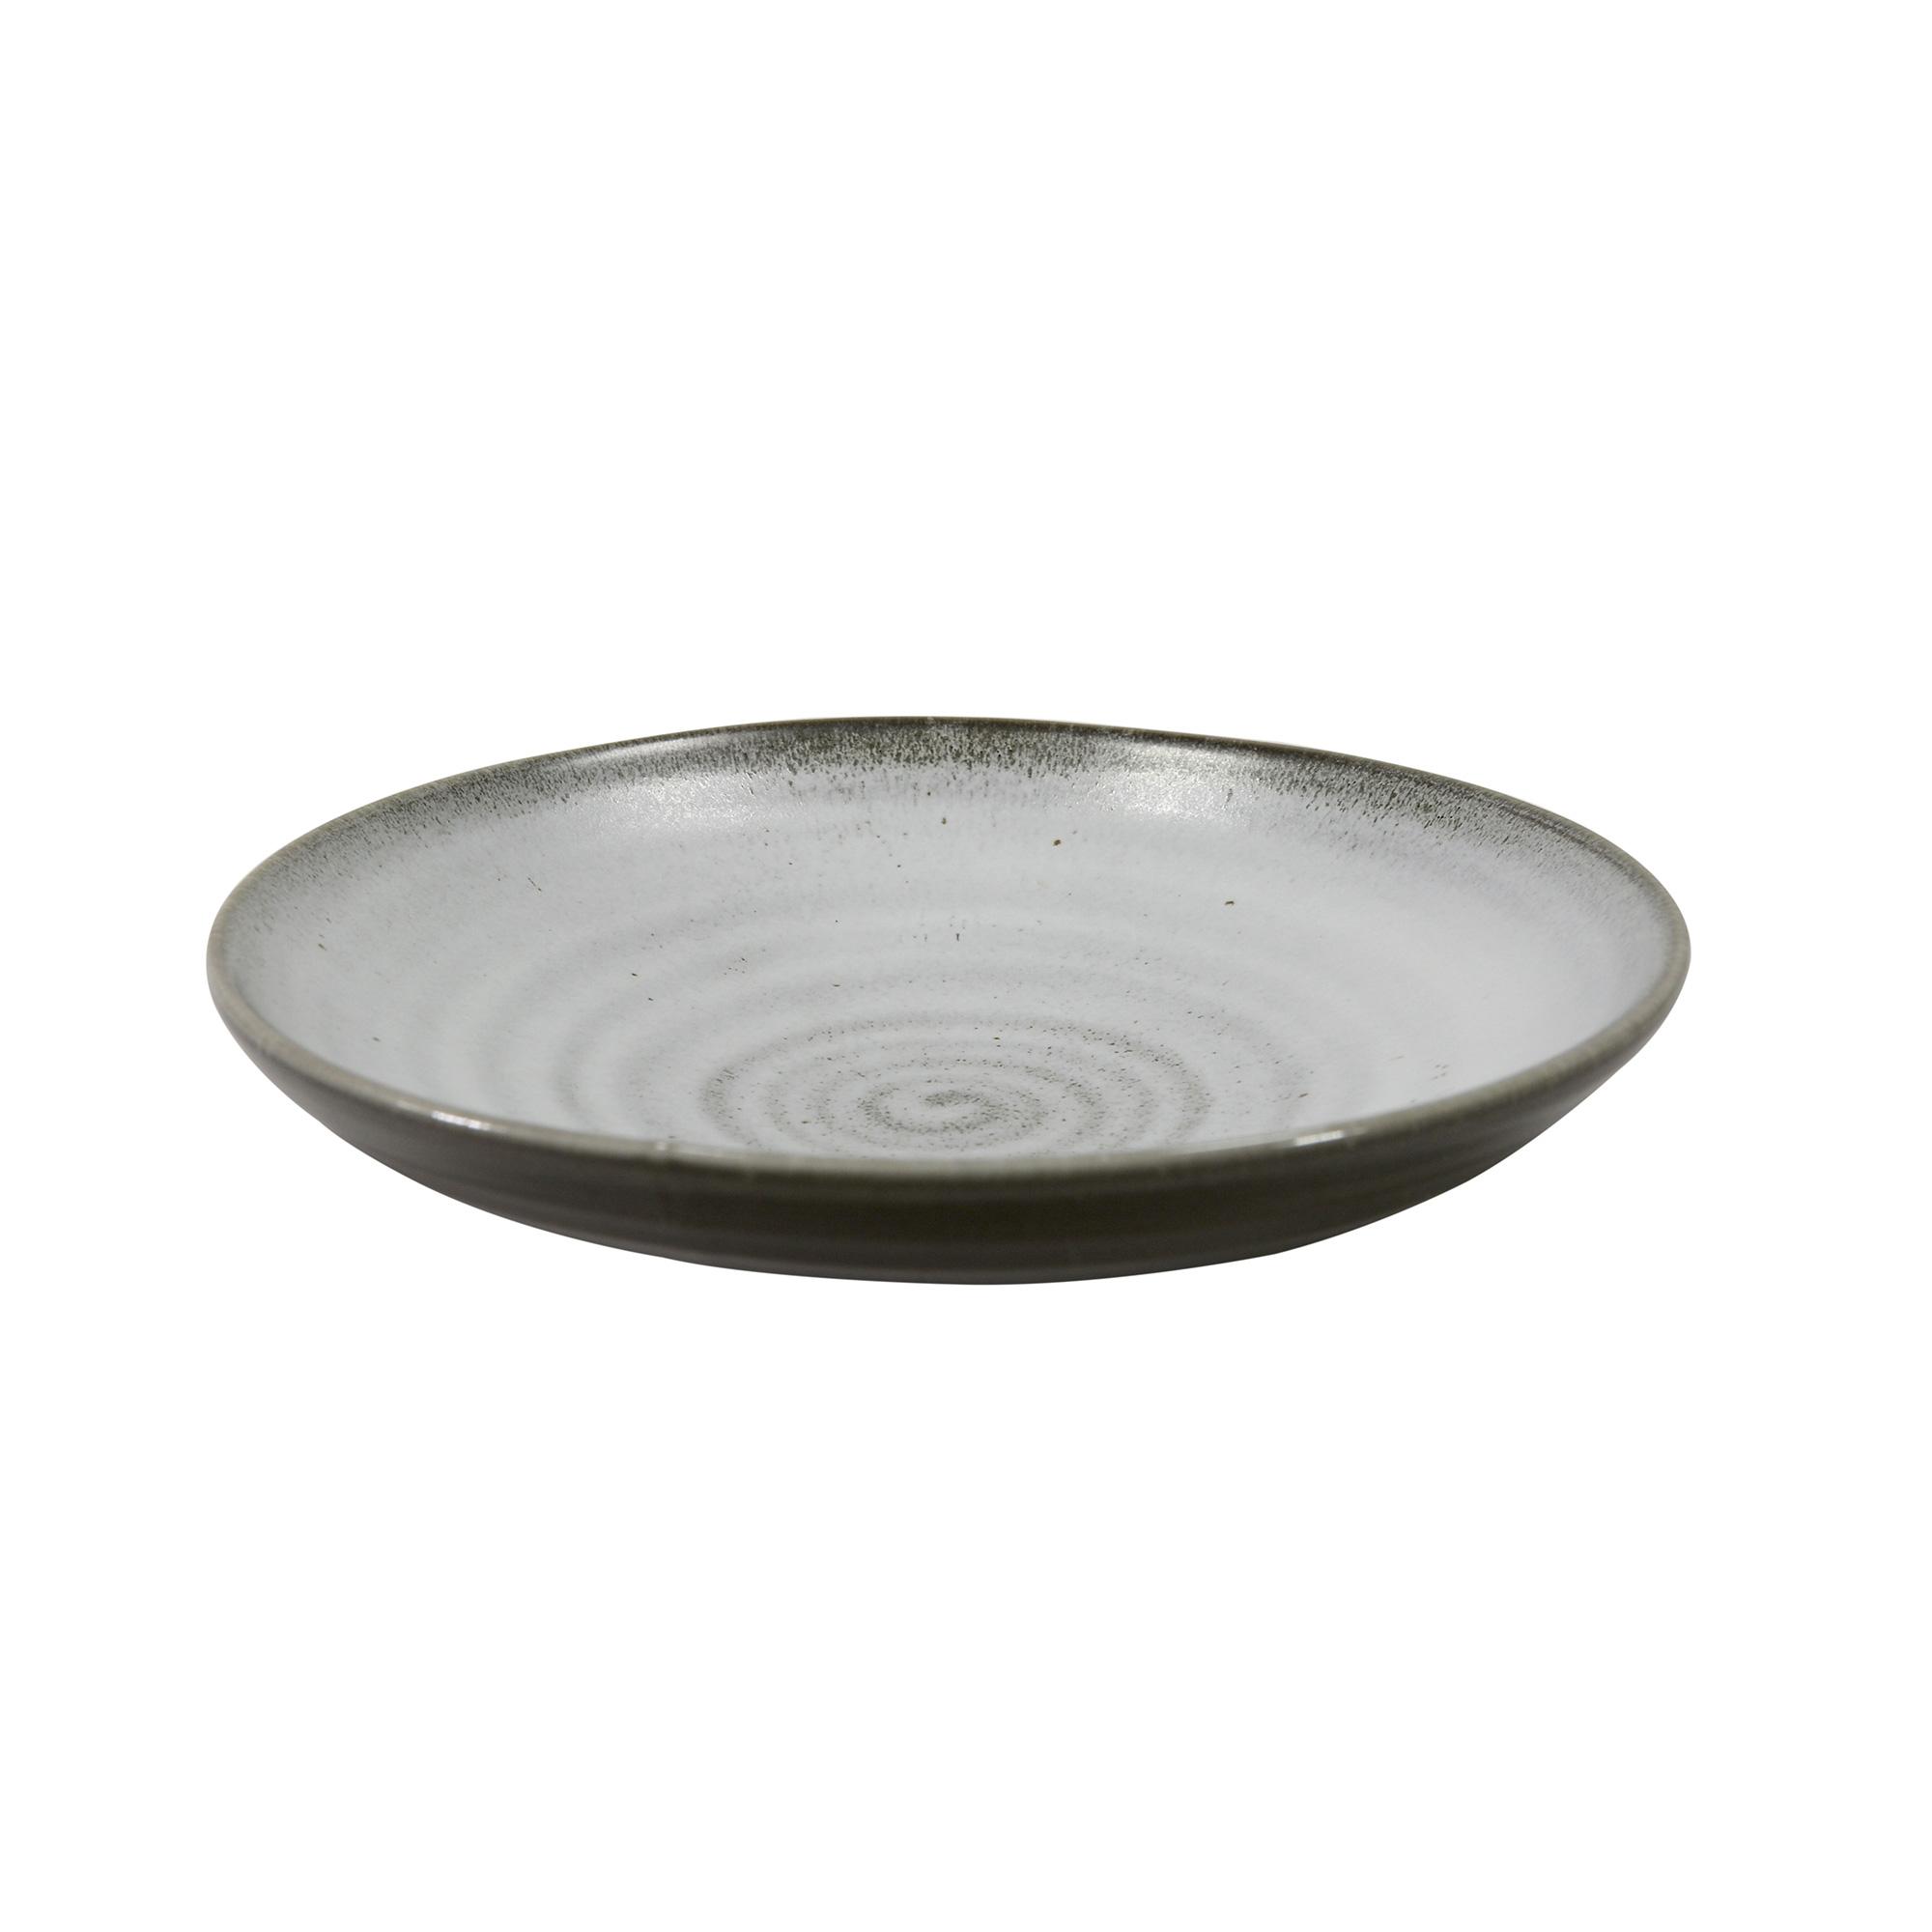 Assiette creuse en porcelaine gris 20 cm - Lot de 3